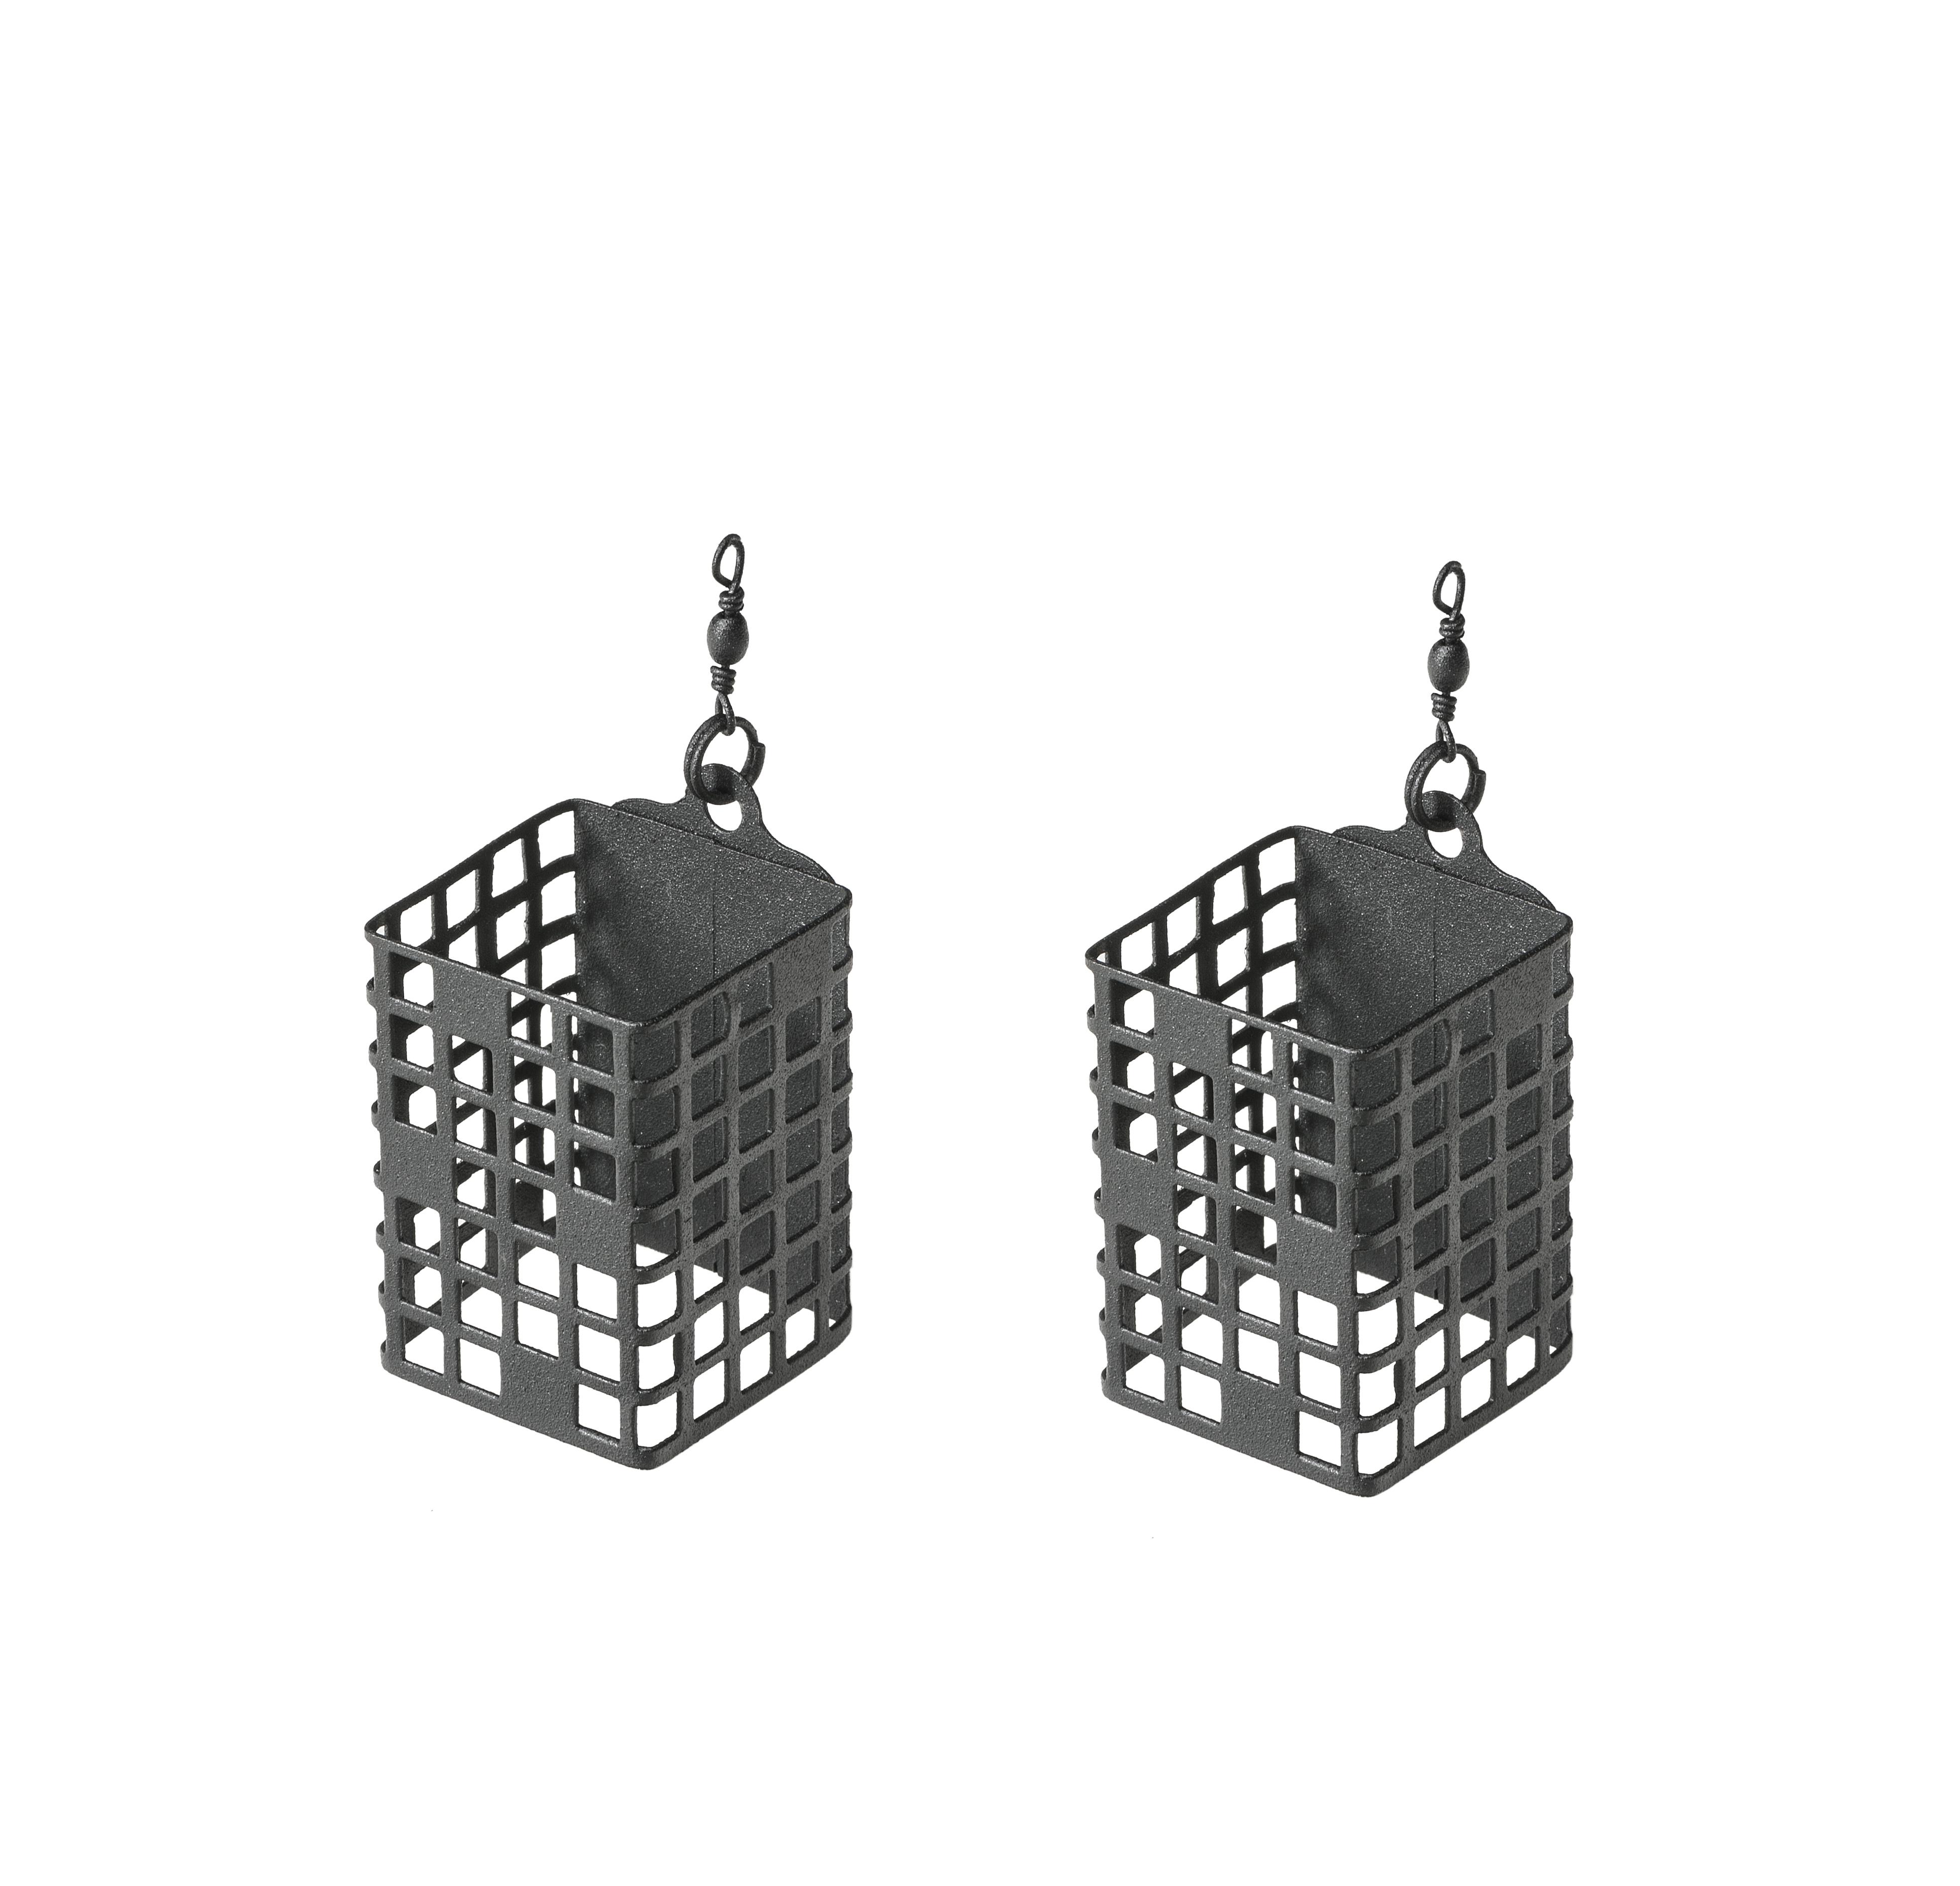 Feederové krmítko Premium Square 20gr (2ks)